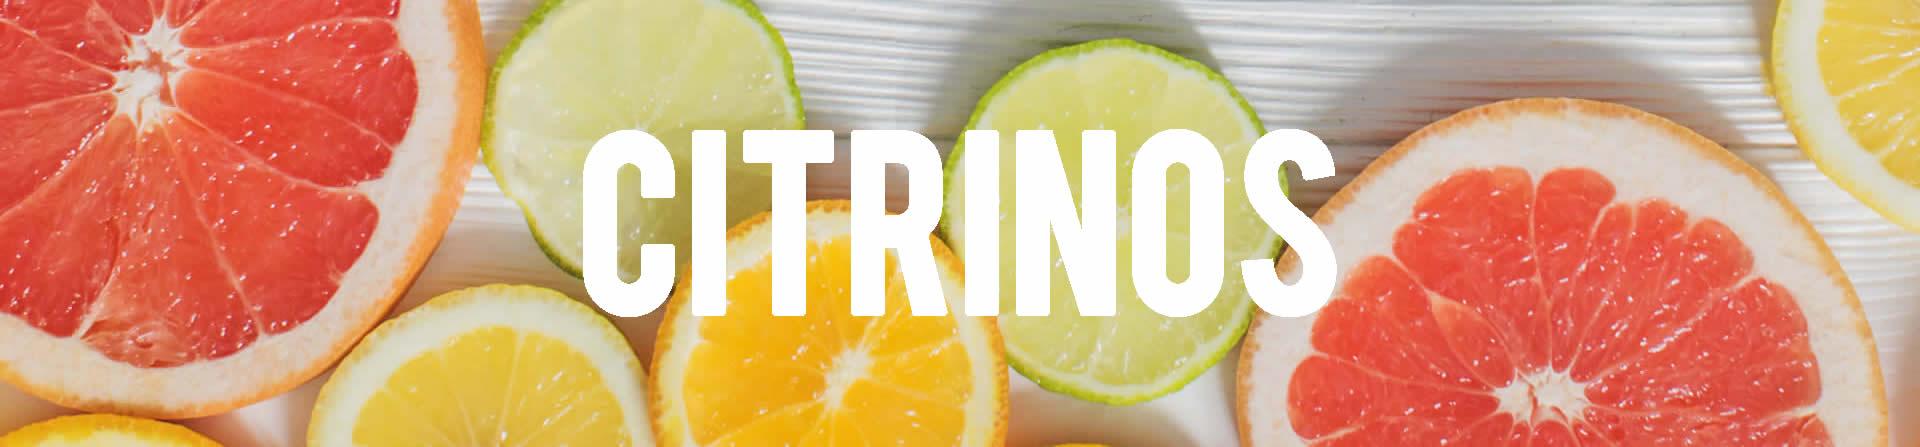 citrinos_02